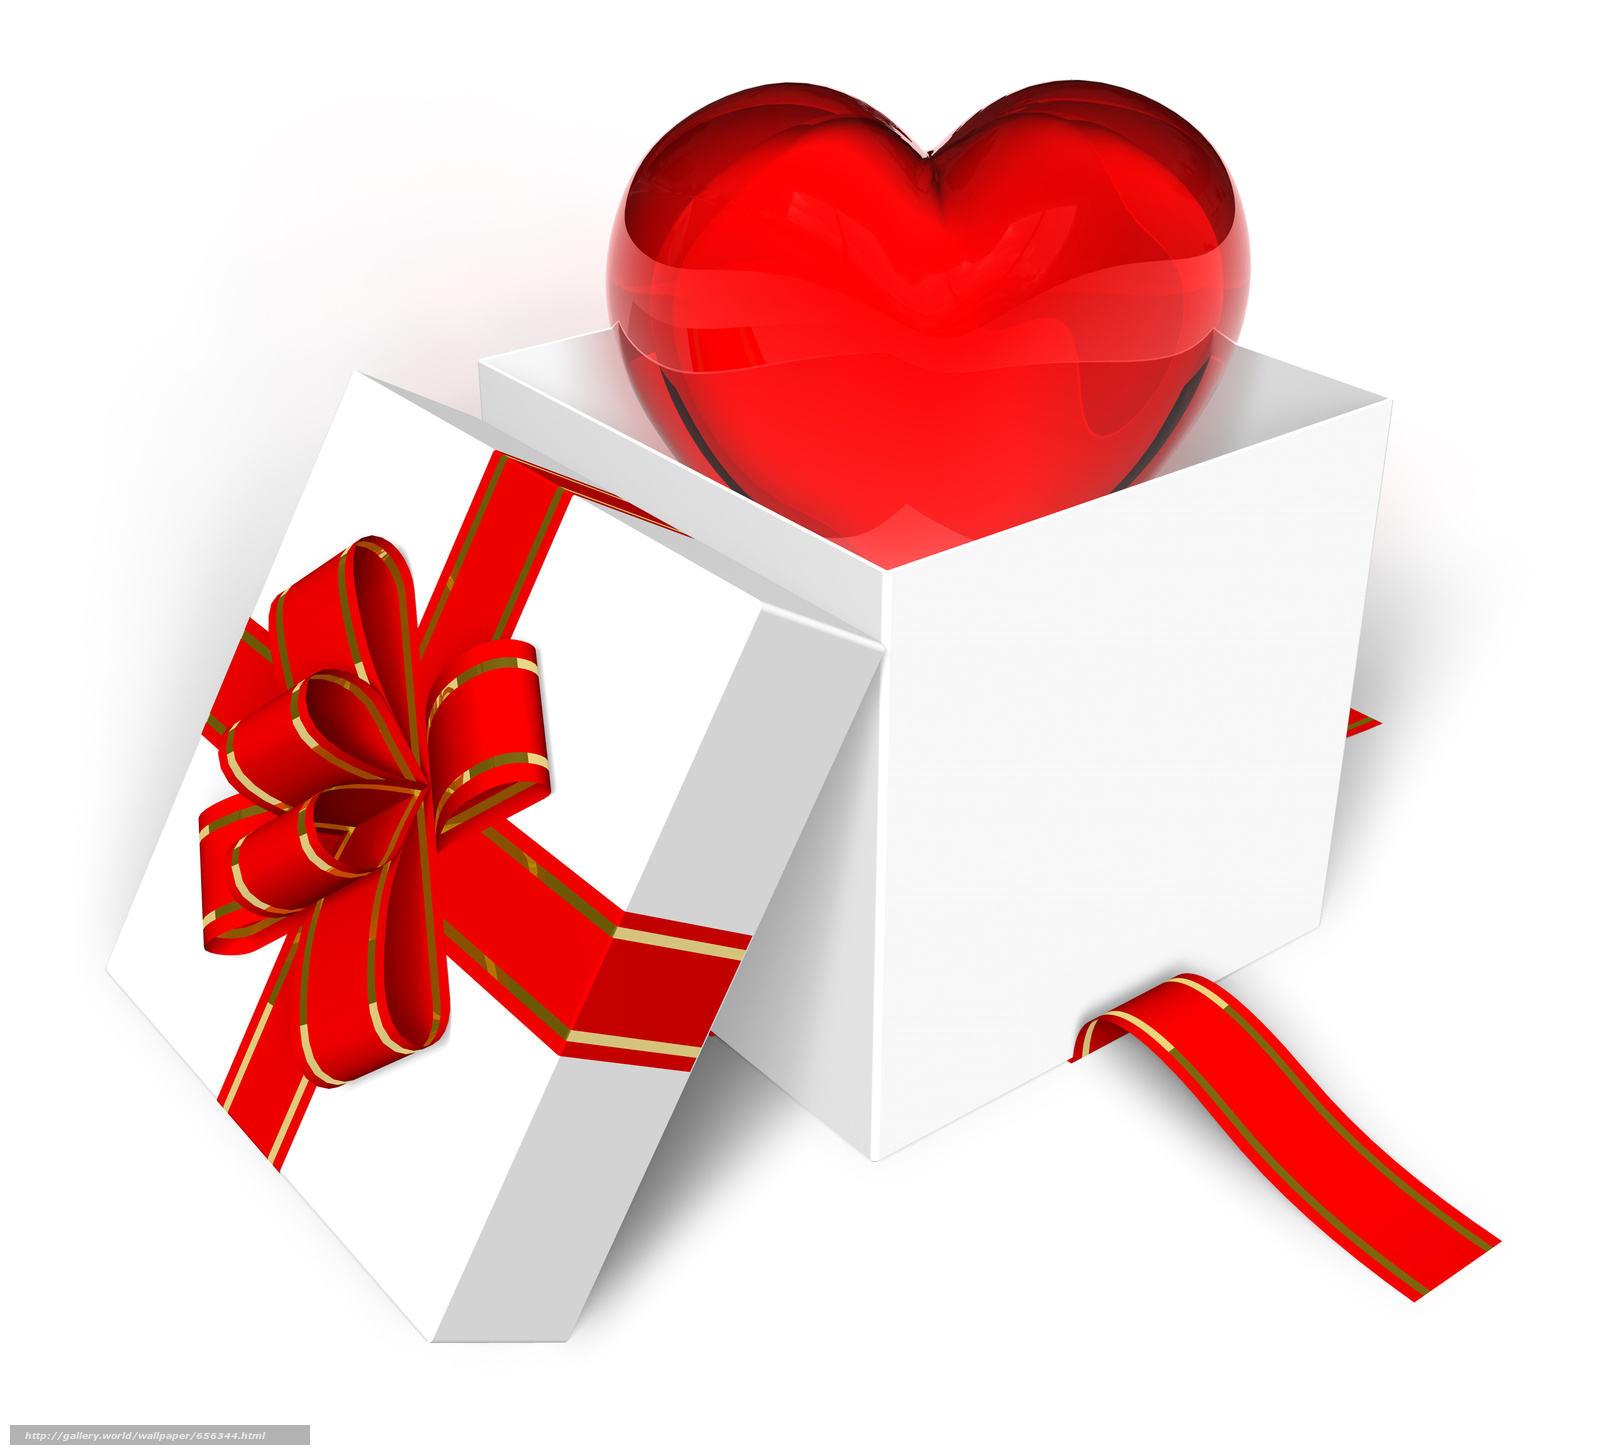 Акция Подарки от всего сердца в салонах «Билайн 69